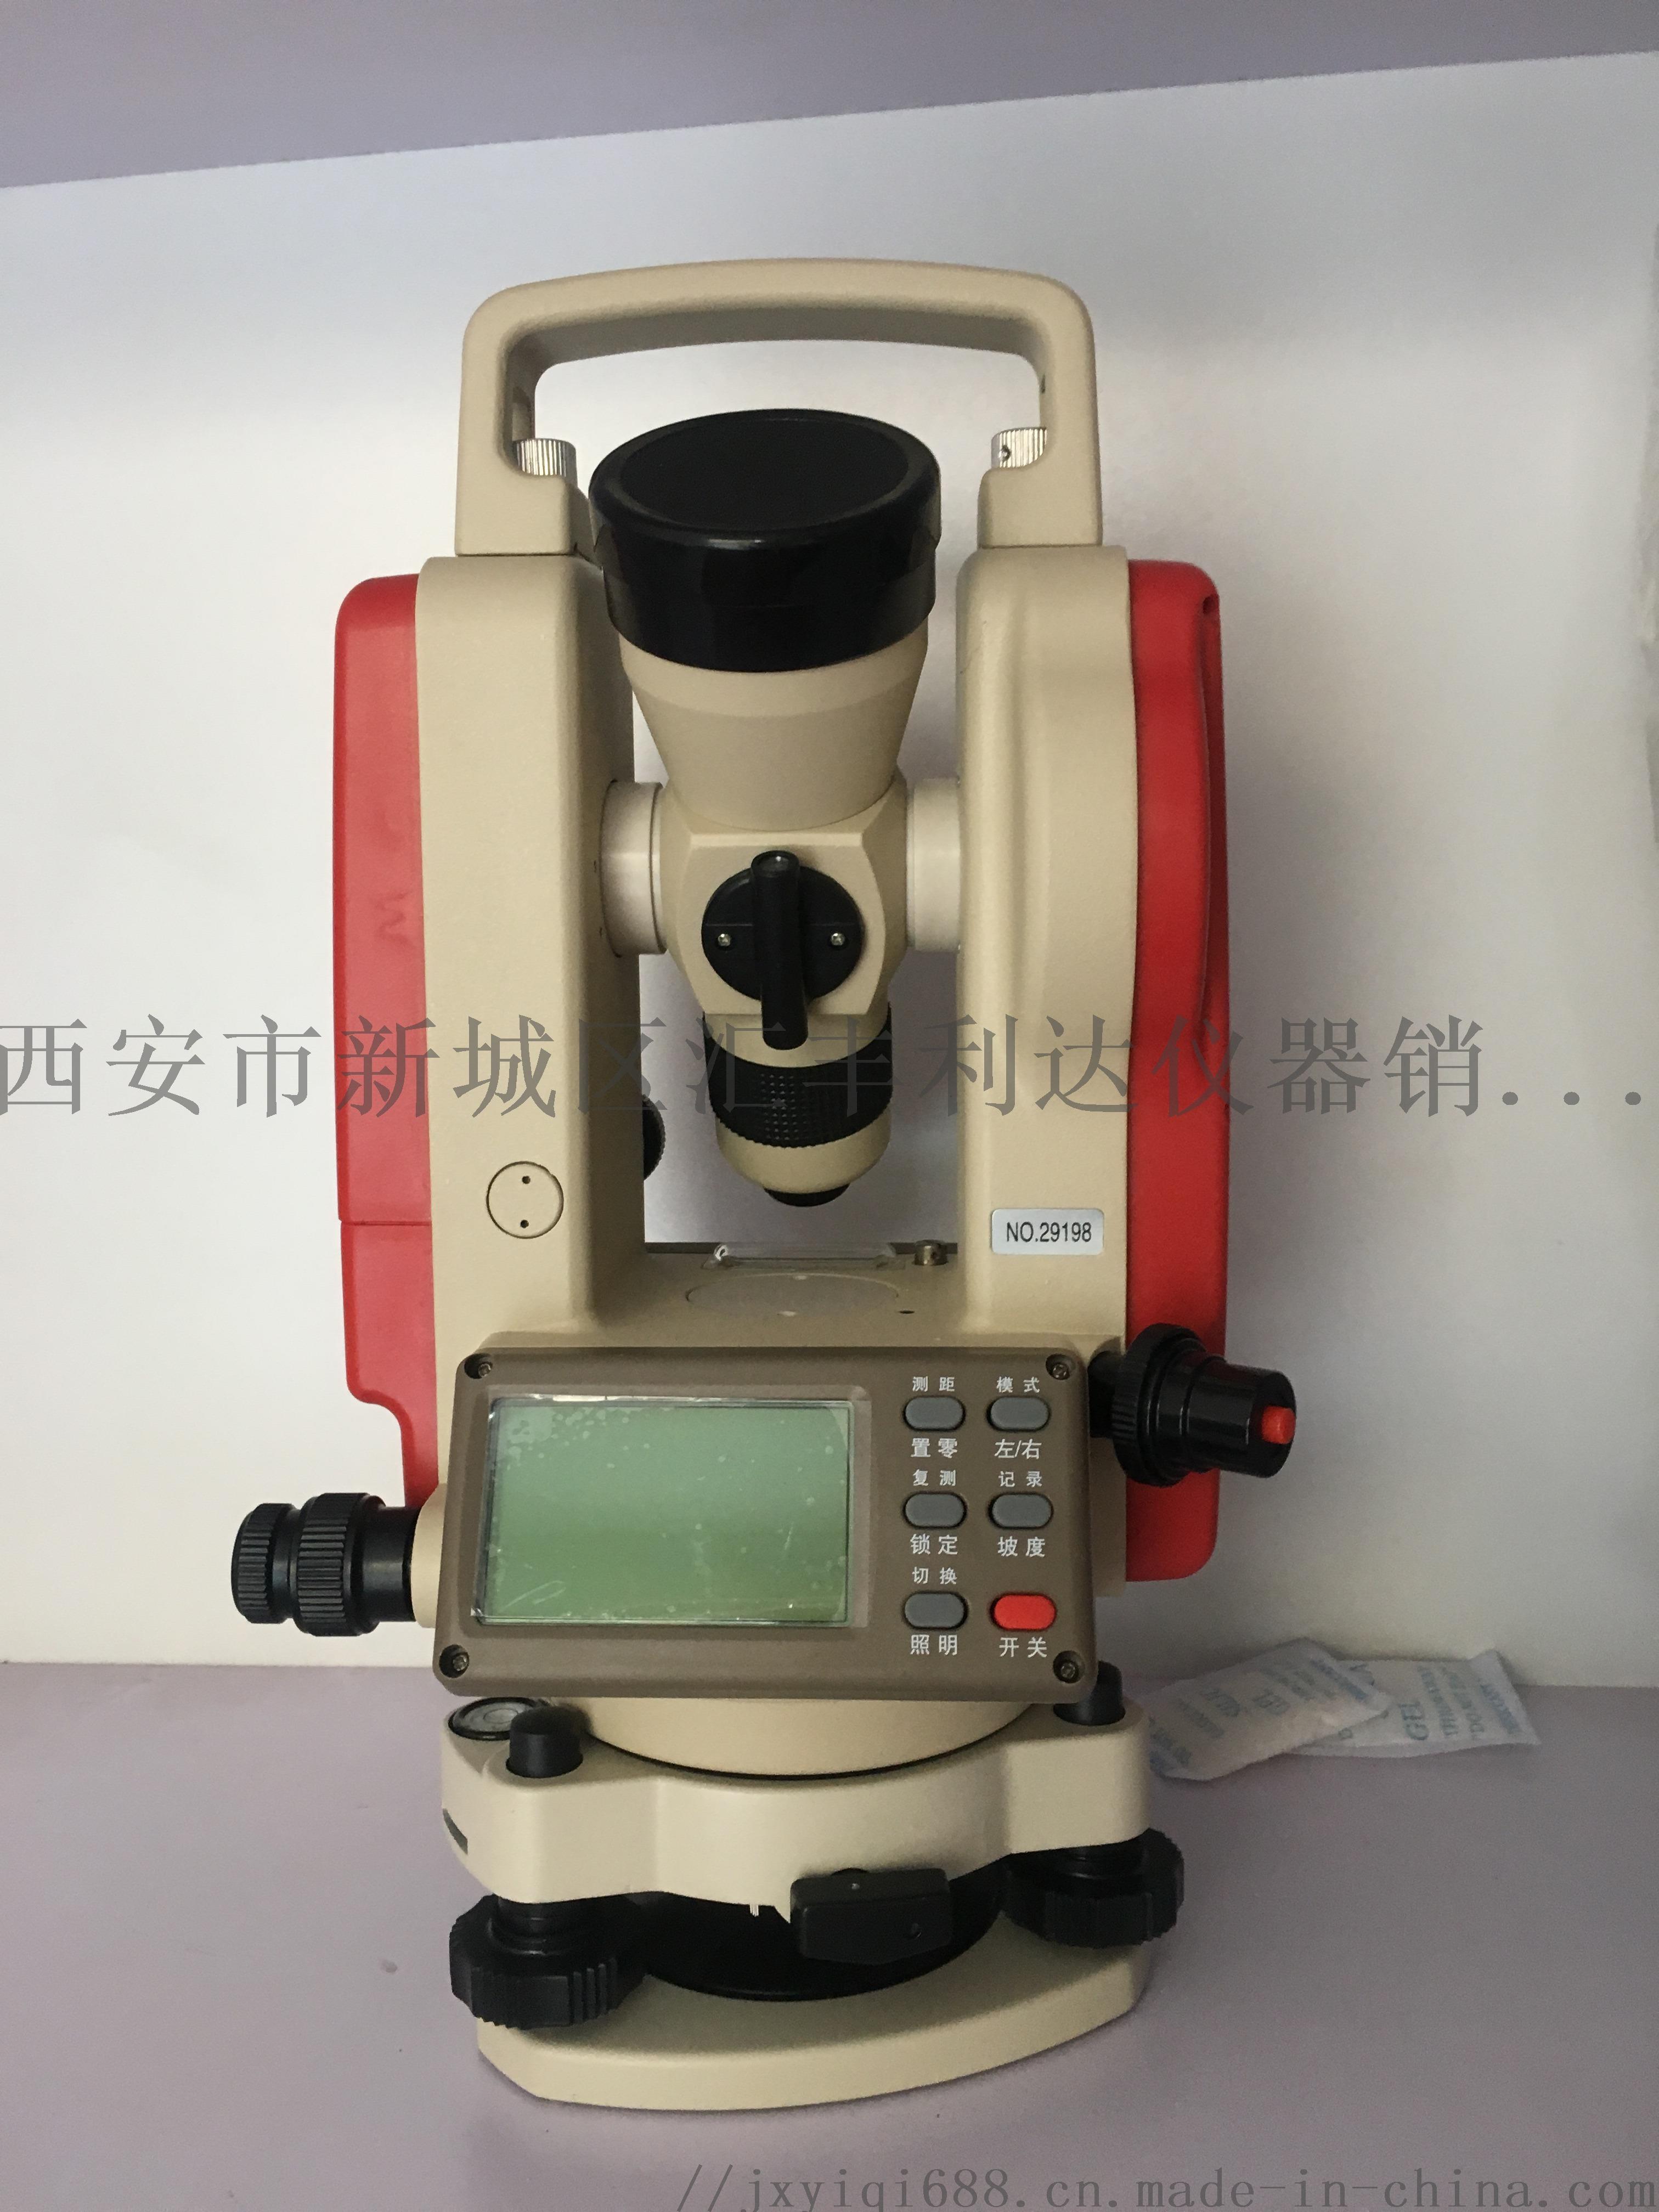 西安哪里有卖测绘仪器1882177052167084762